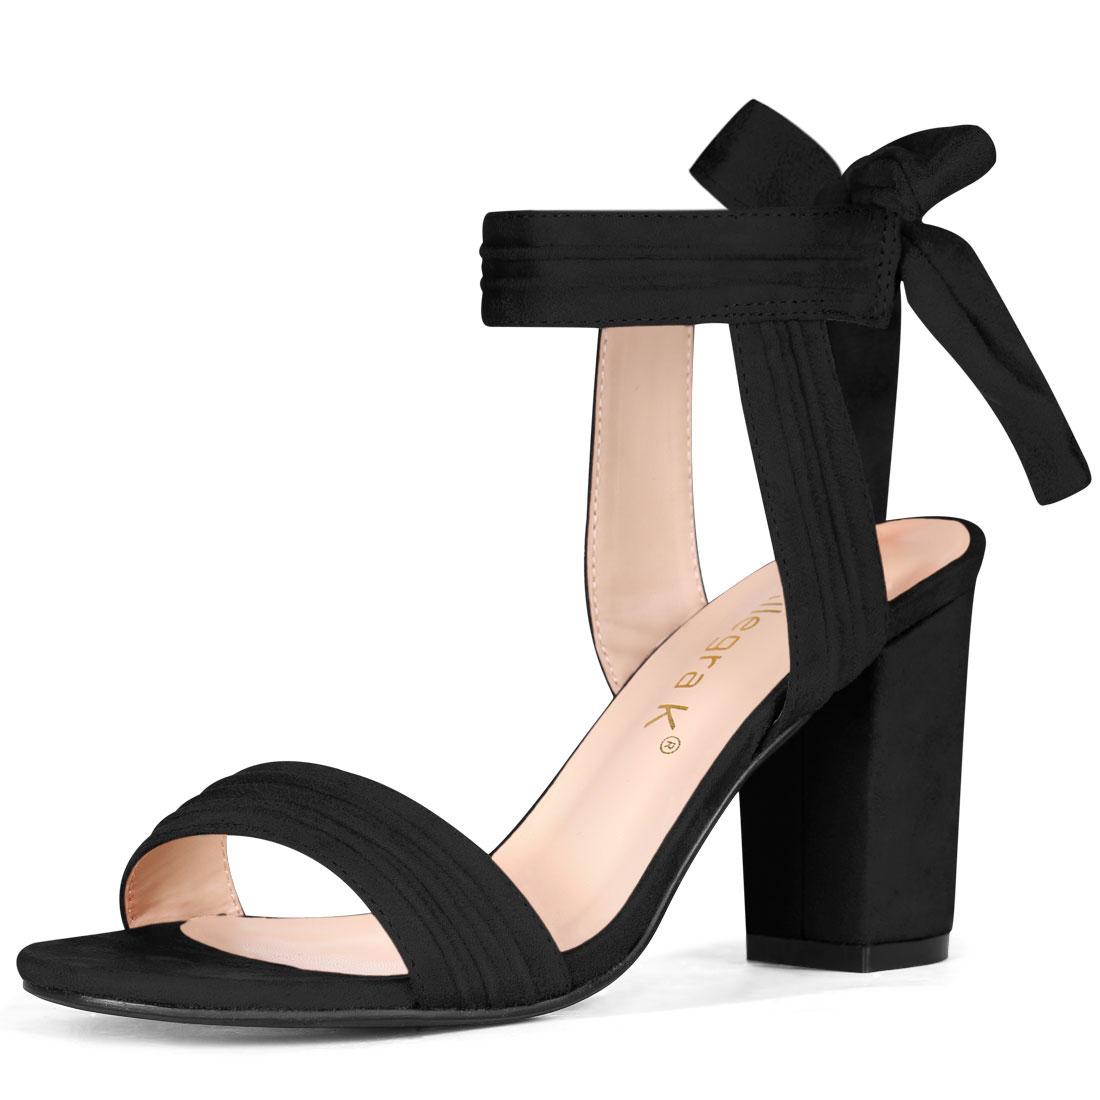 Allegra K Women's Open Toe Ankle Tie Back Chunky Heel Sandals Black US 6.5